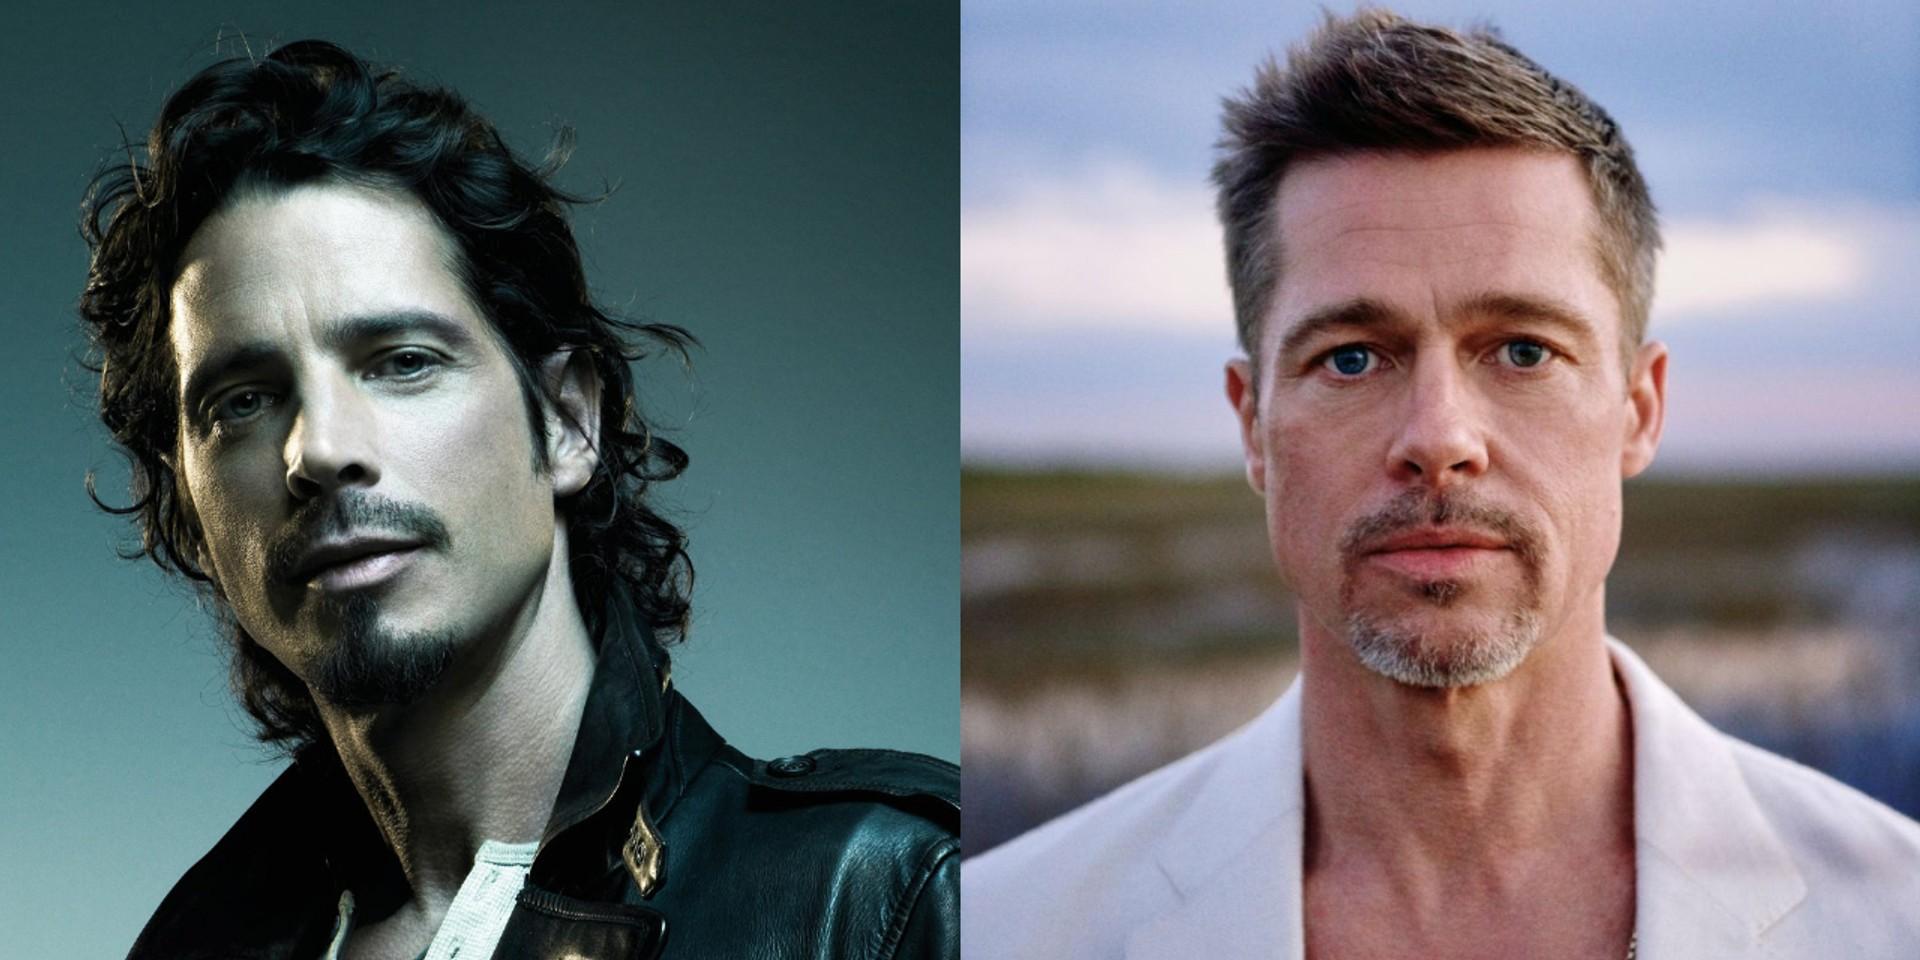 Brad Pitt begins work on Chris Cornell documentary